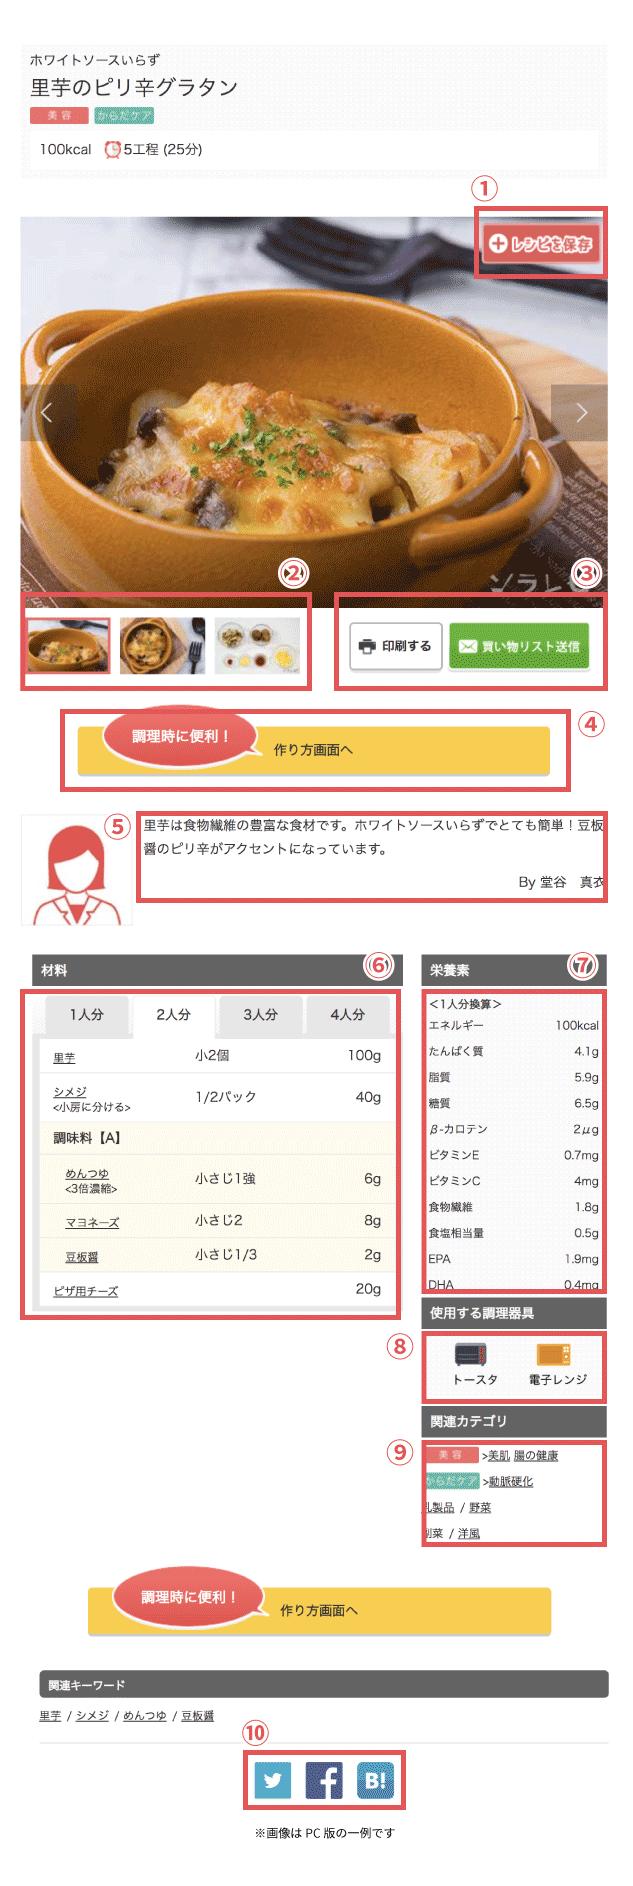 レシピについて説明画面